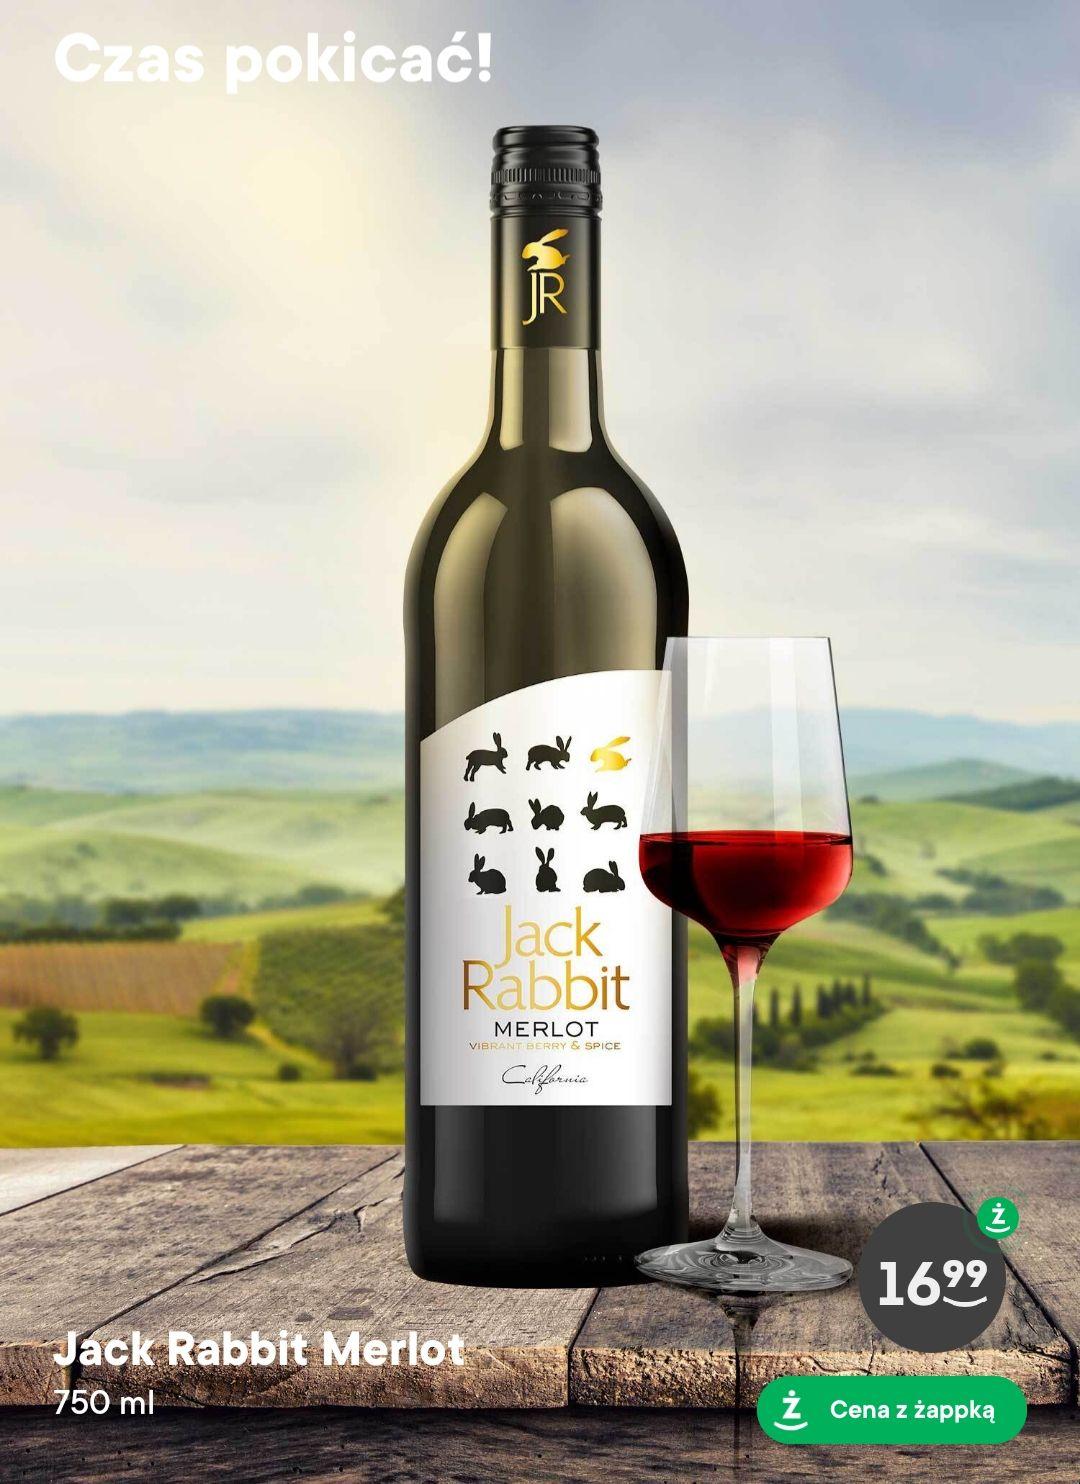 Czerwone półwytrawne wino Jack Rabbit Merlot w Żabce z aplikacją Żappka